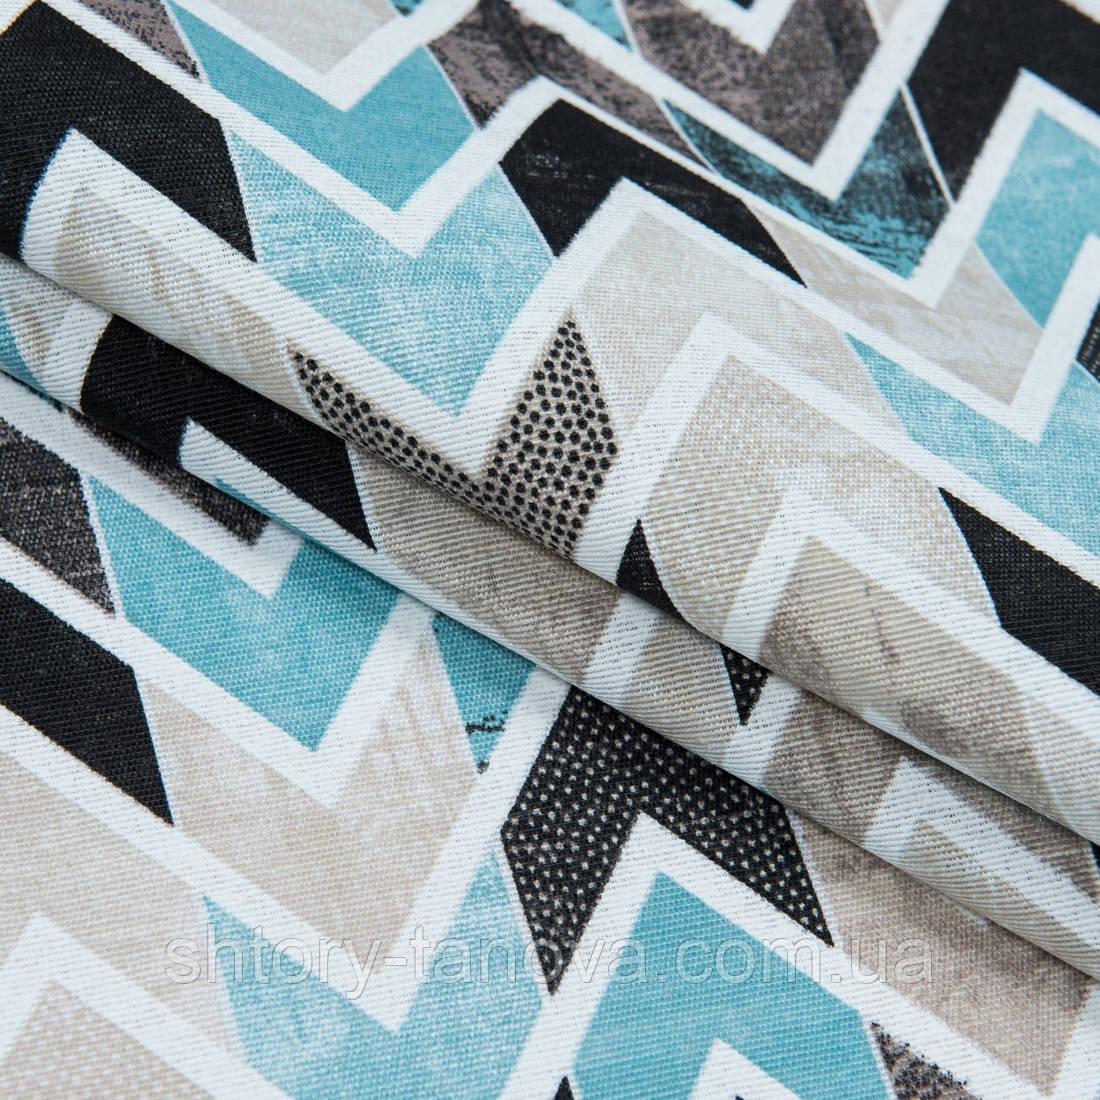 Декоративная ткань лонета лайф/life зиг-заг голубой,черный,беж